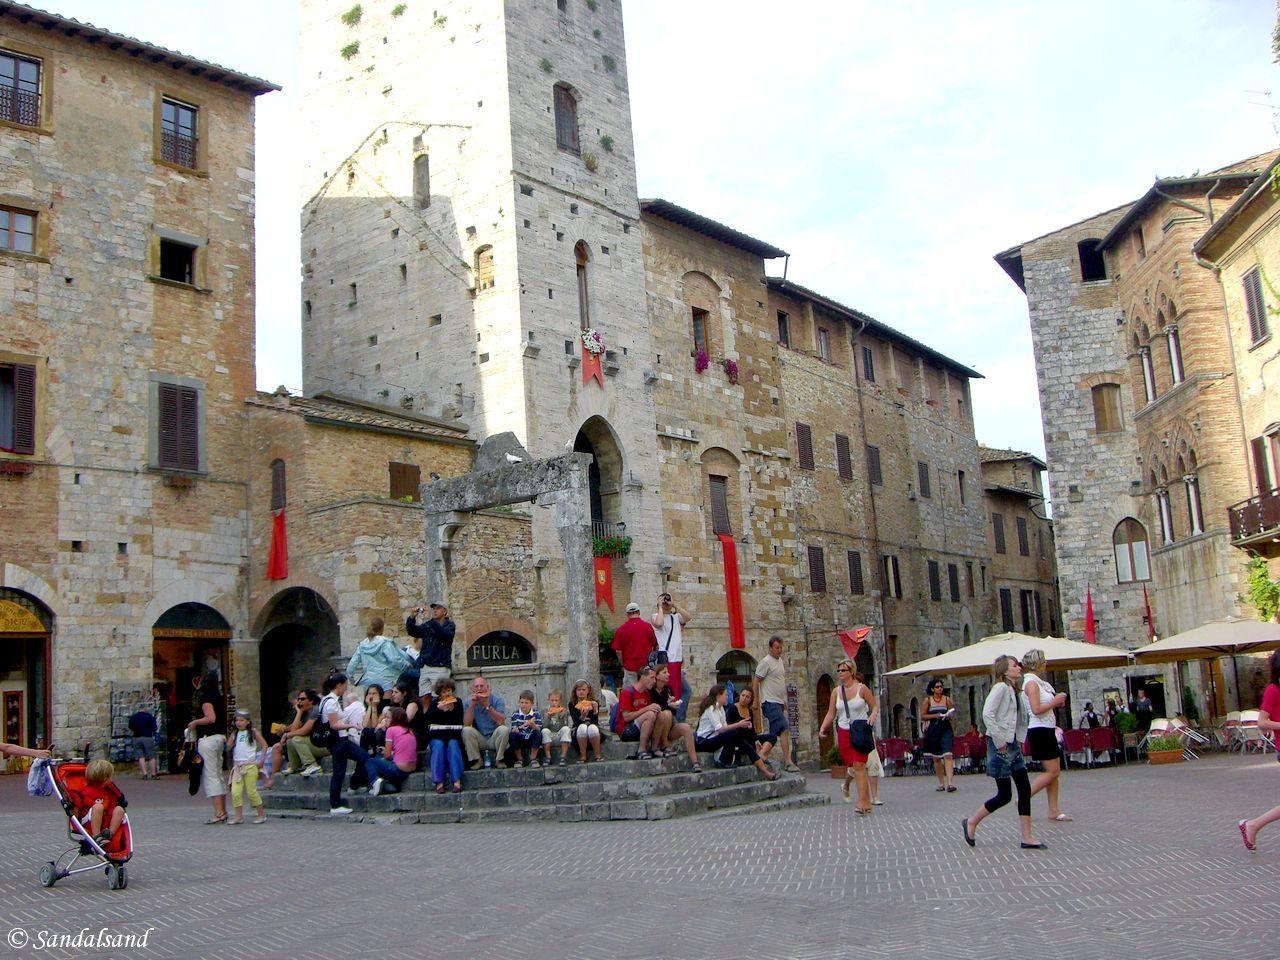 Italy - Toscana - San Gimignano